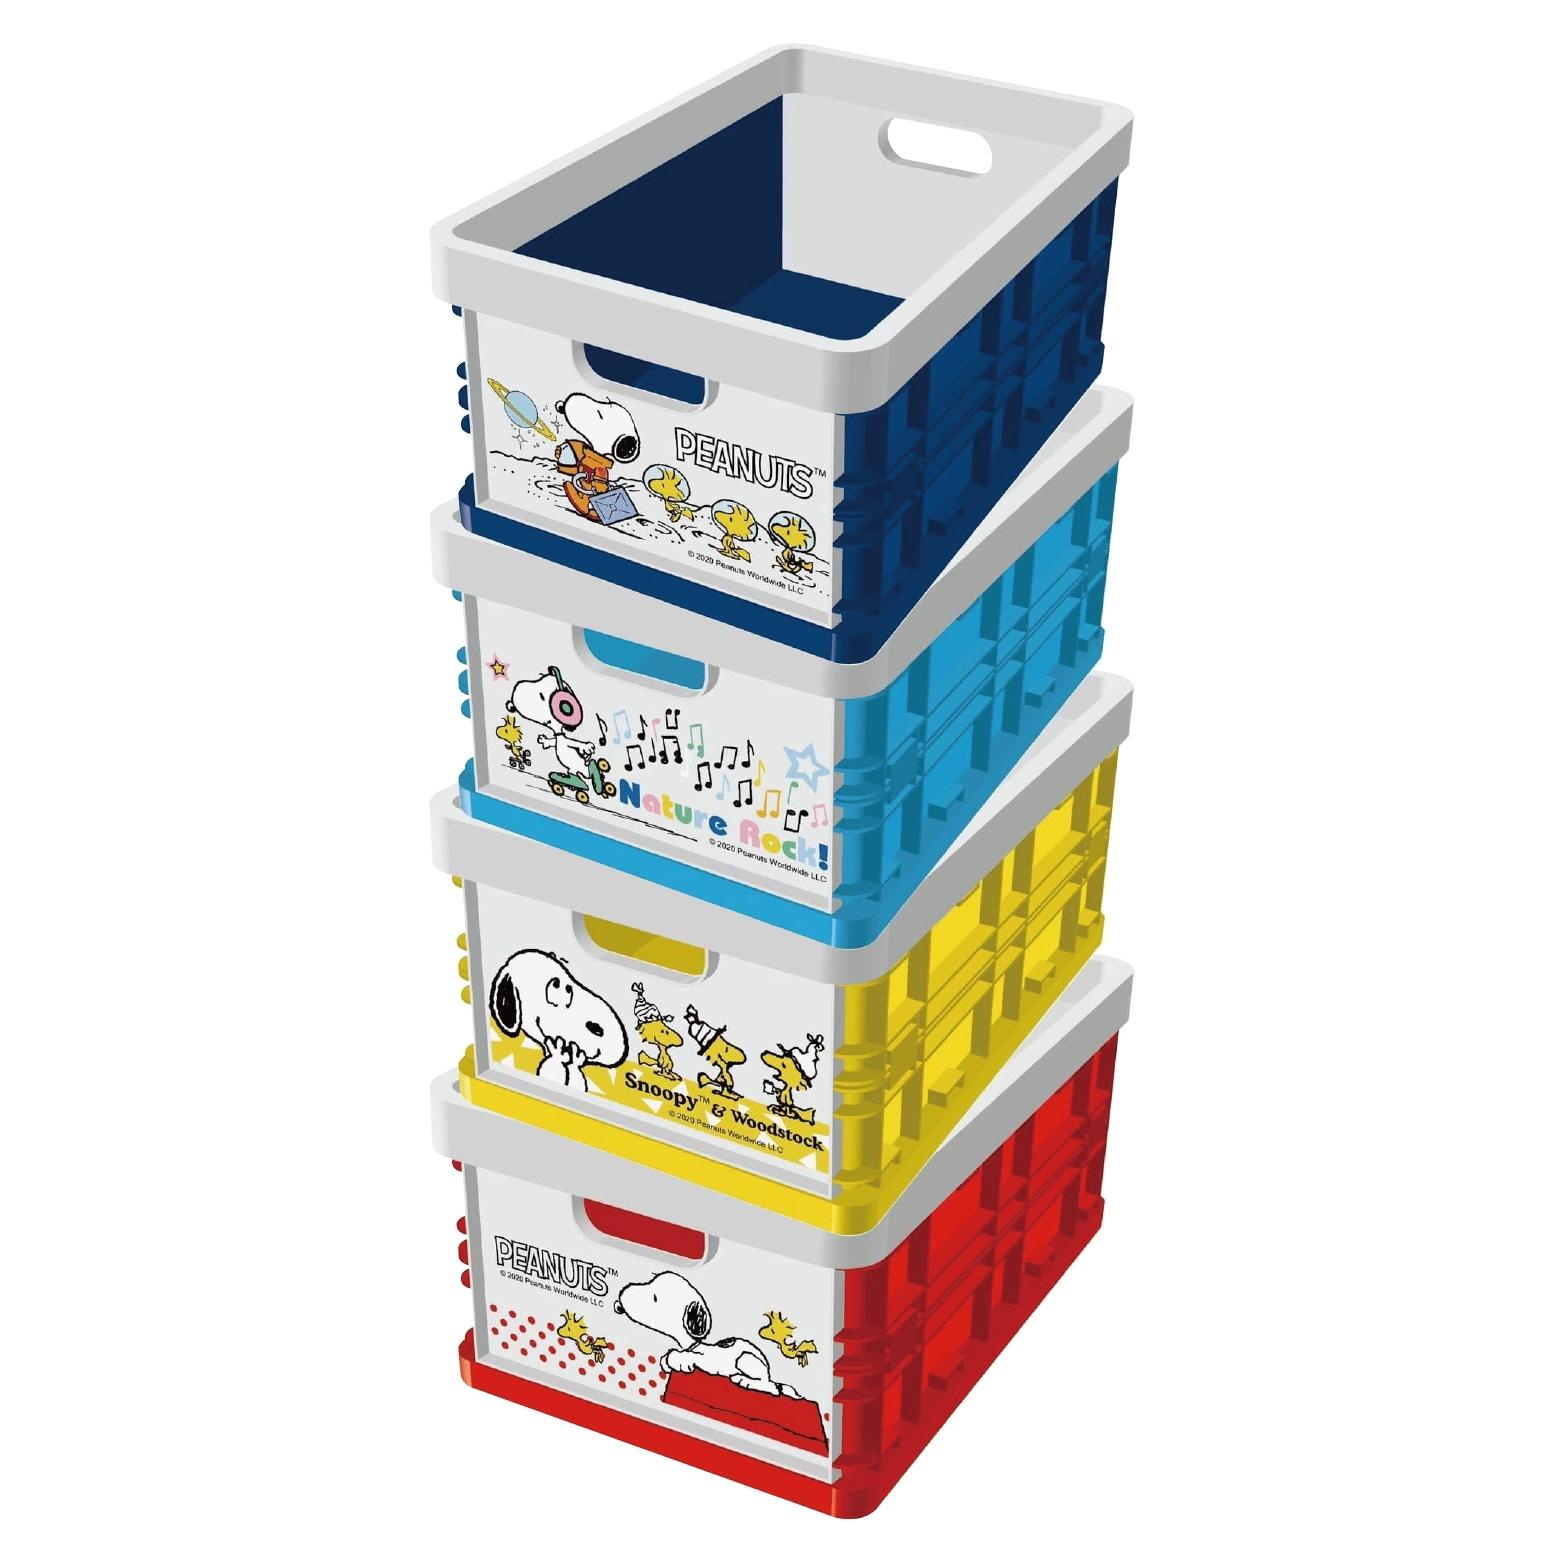 【史努比】摺疊收納箱 4款顏色/紅色/黃色/粉藍色/深藍色 正版授權【限宅配到府】